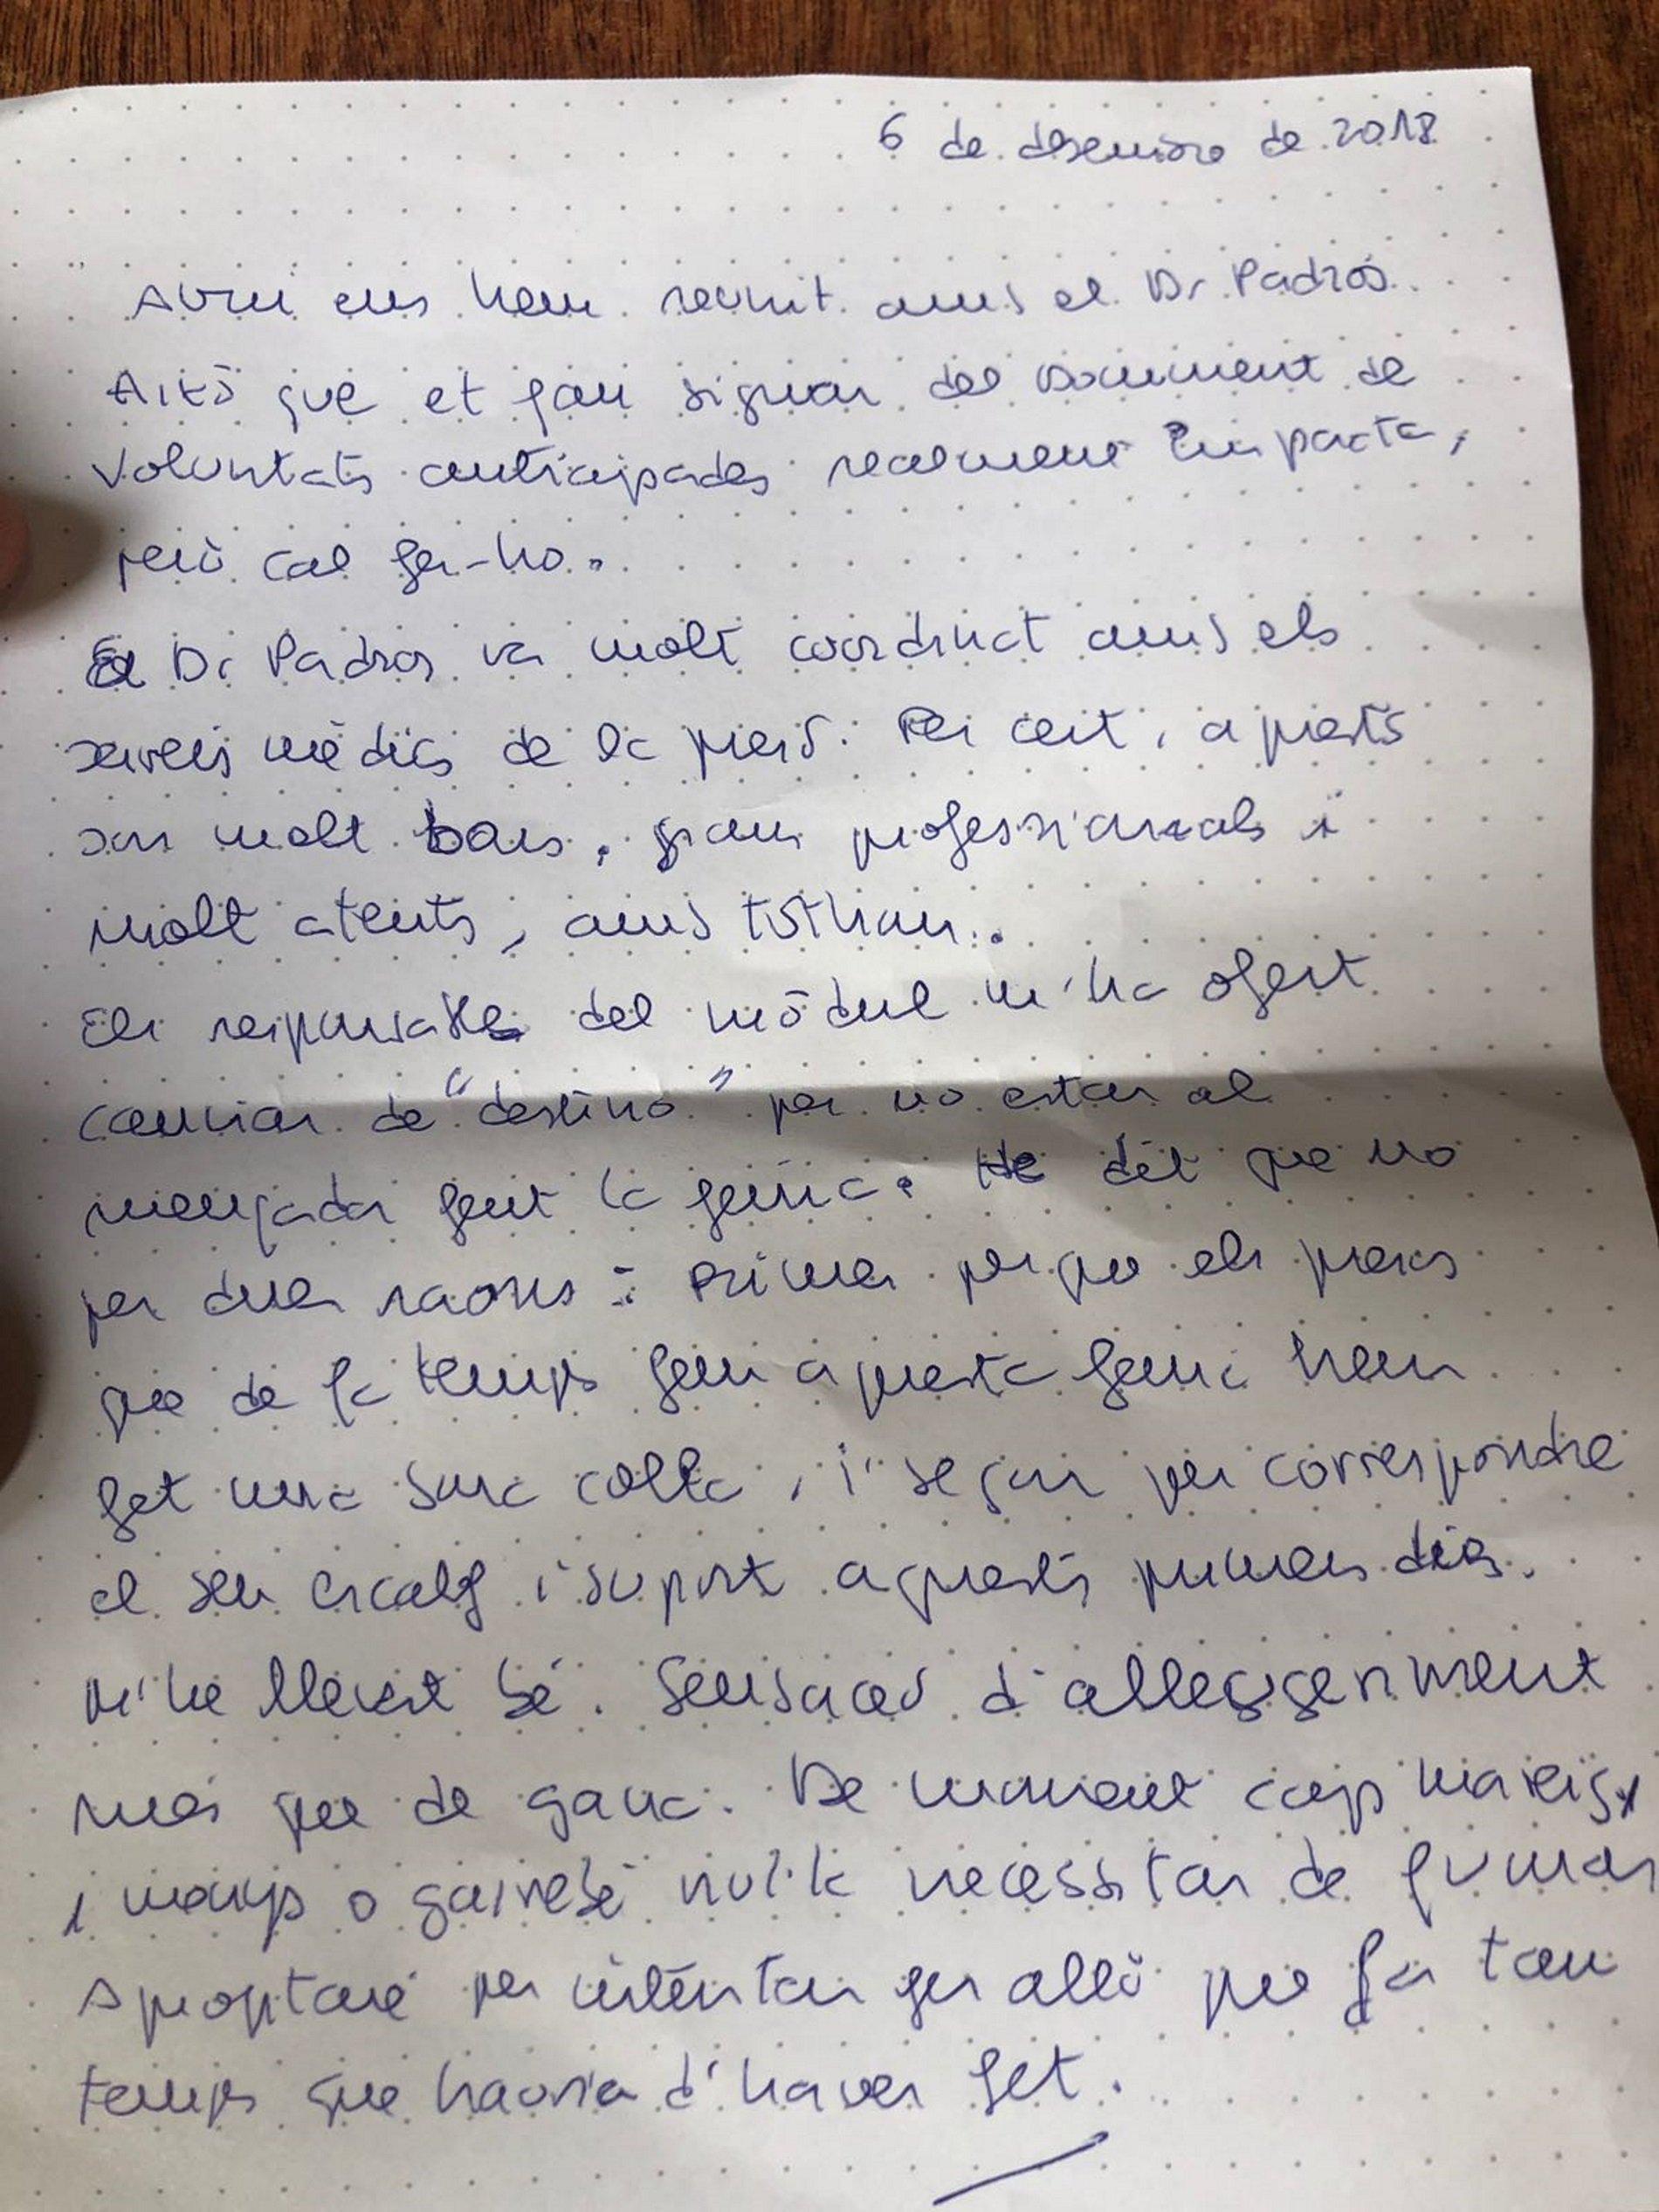 Turull manuscrit Lledoners 6 desembre 2018